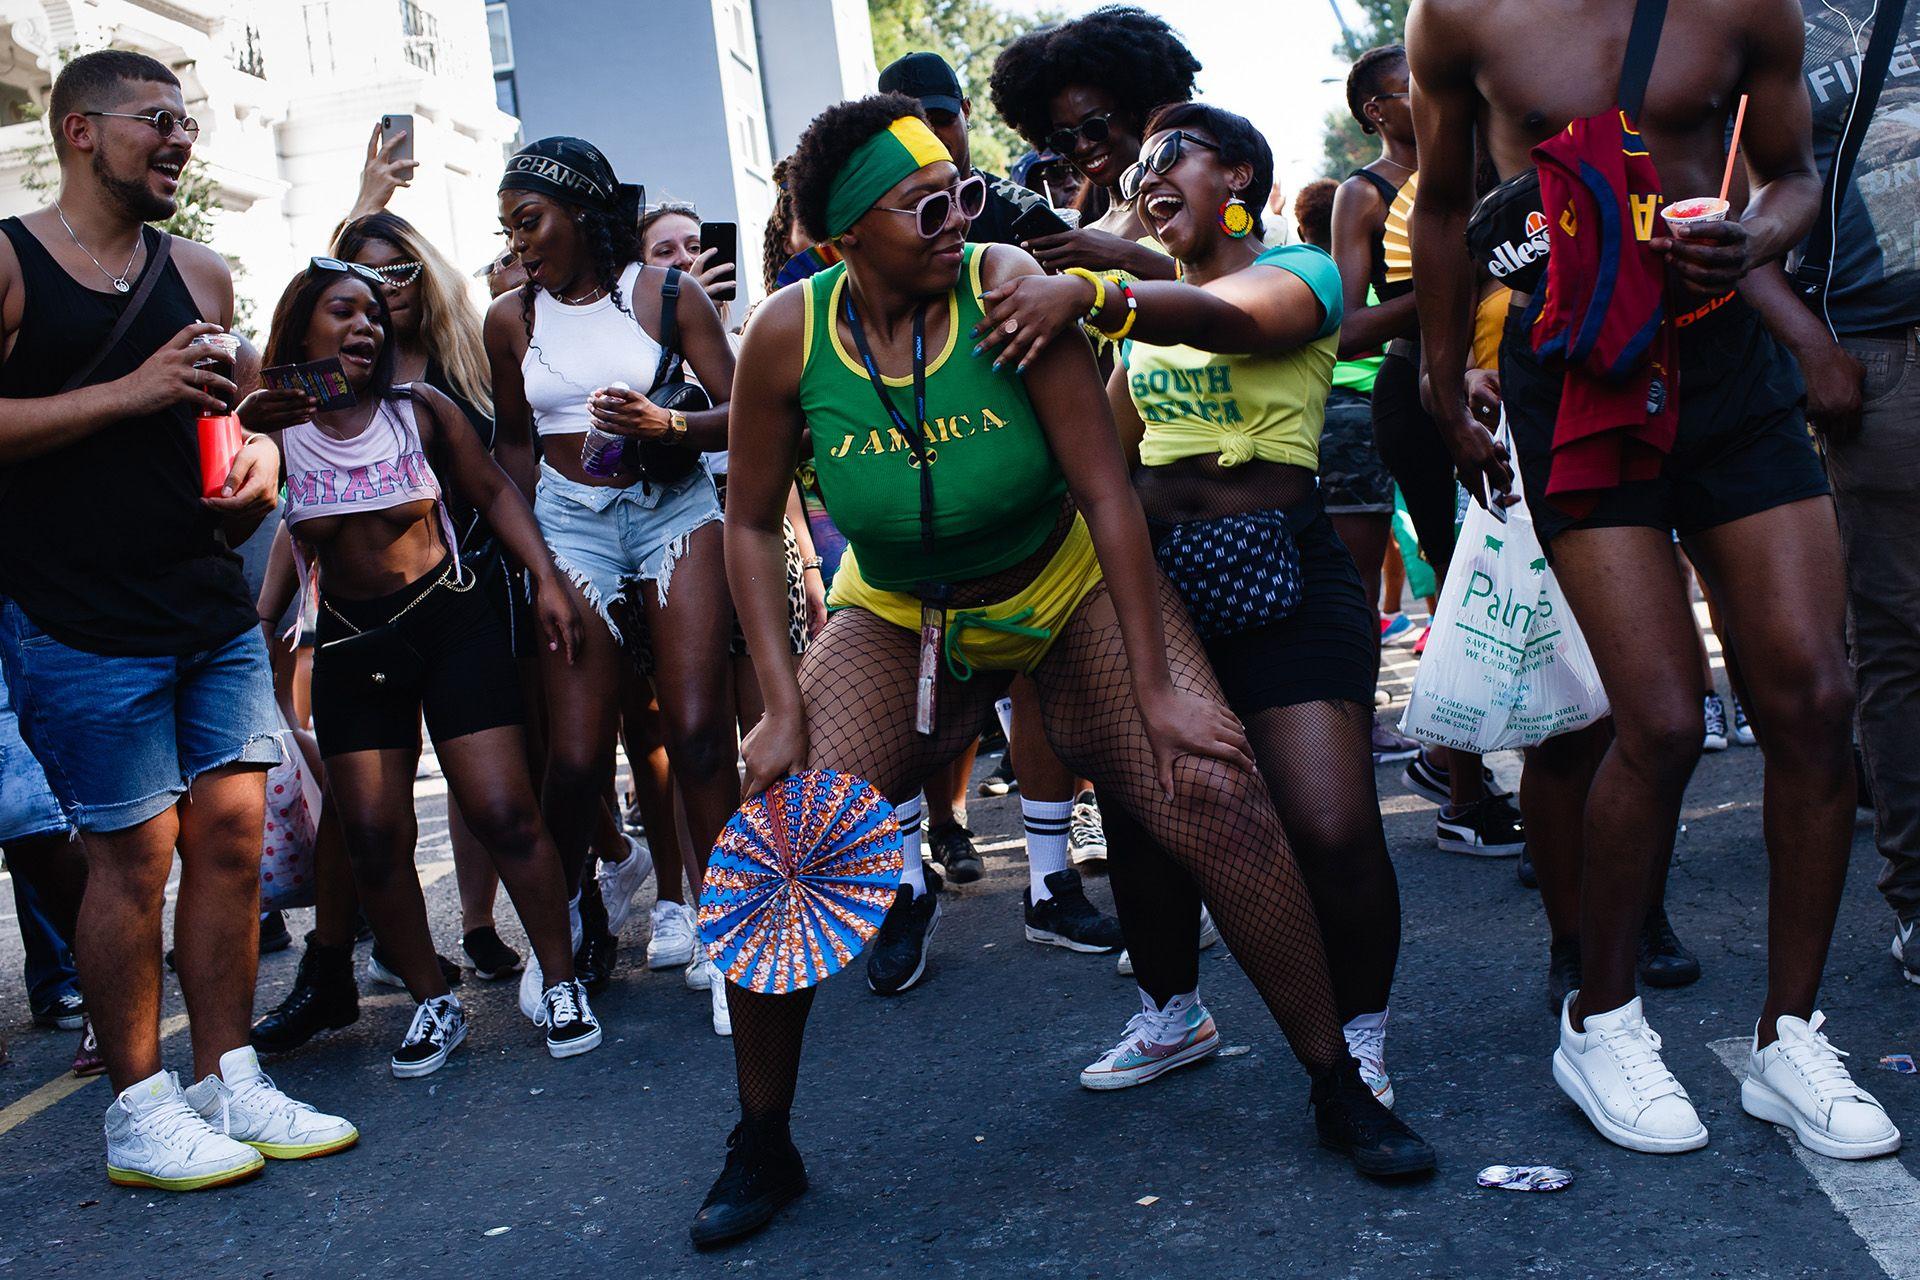 London legnagyobb bulija a nyaranta megrendezett Notting Hill-i karnevál